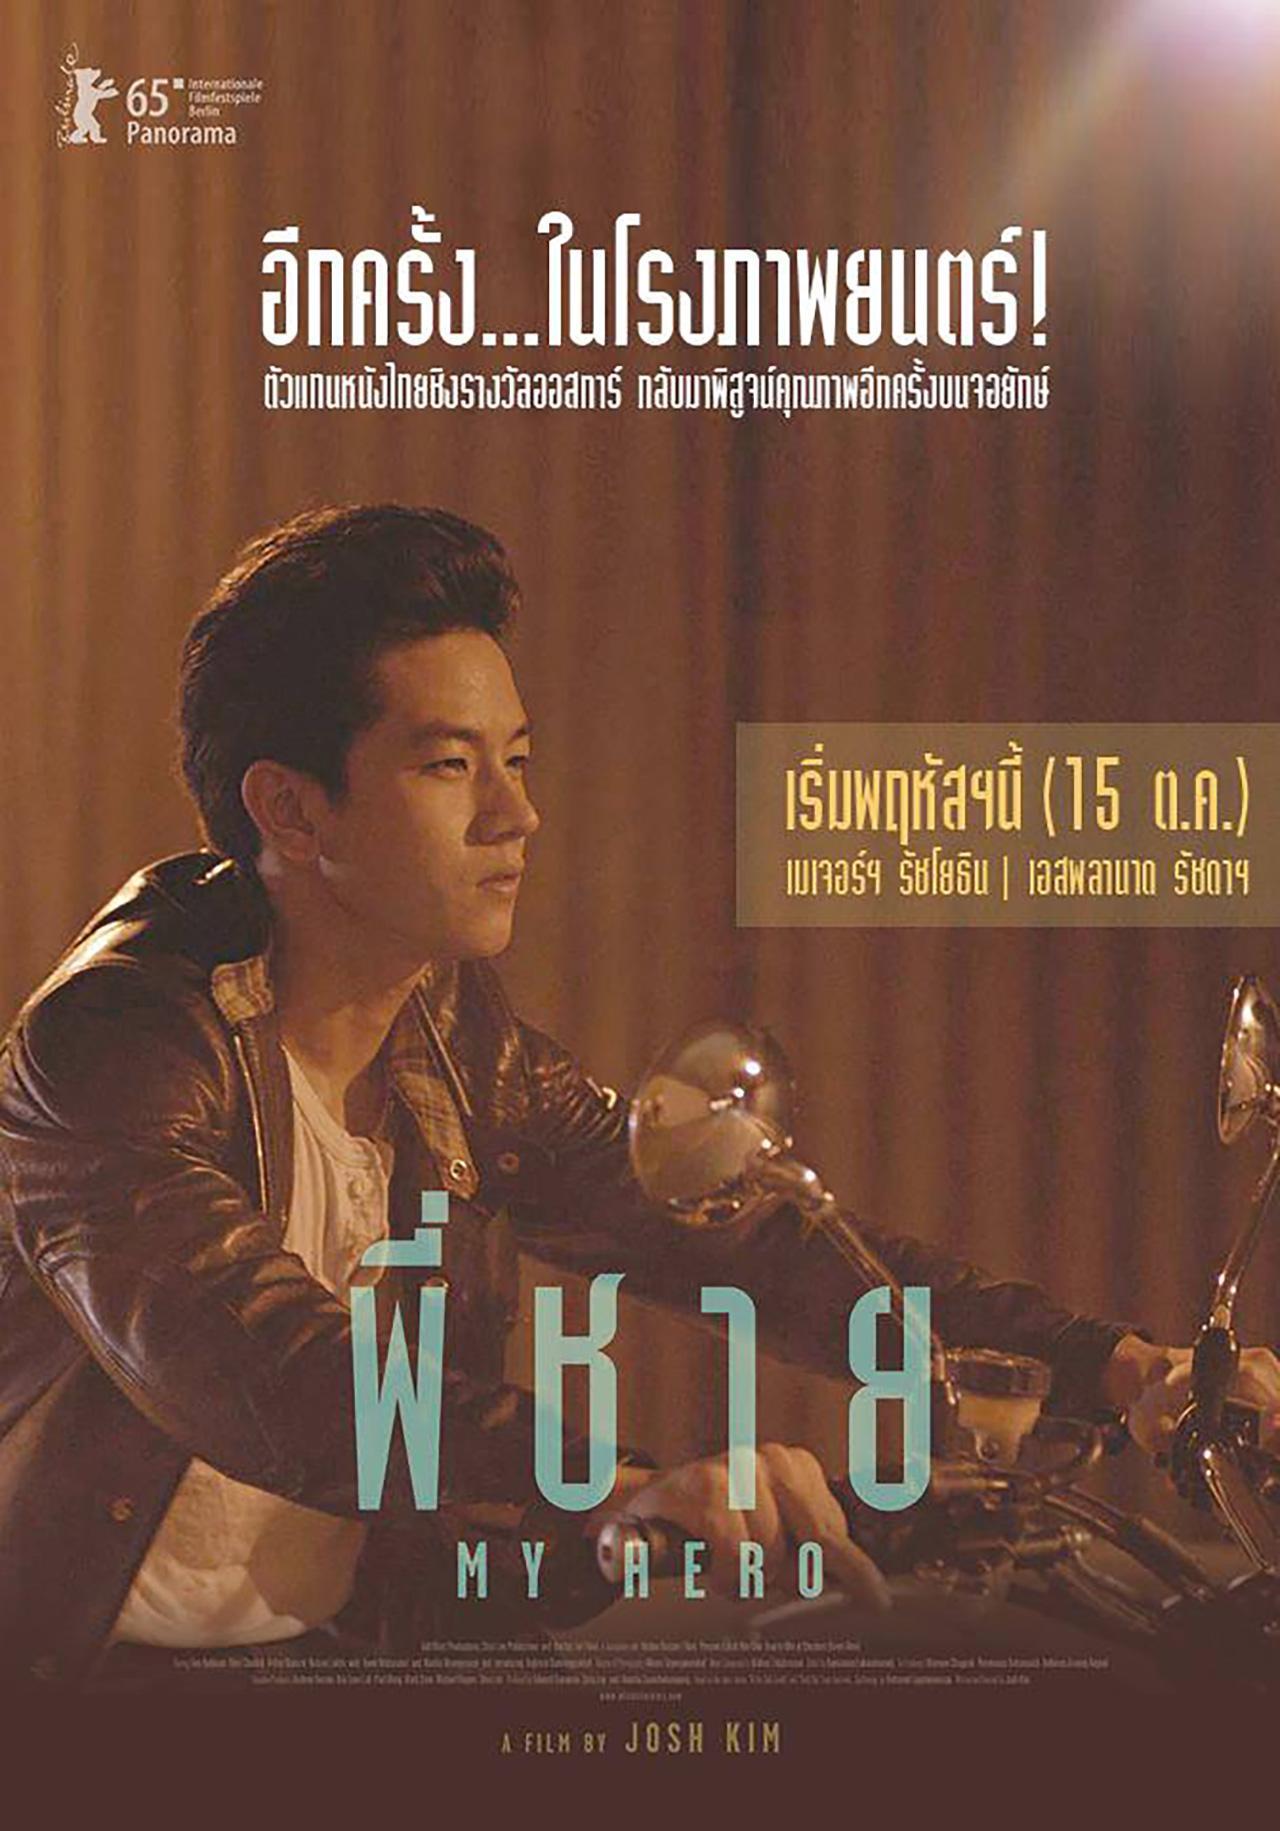 พี่ชาย my hero หนังไทยดีจริงระดับโลก! ใหม่ อโนชา รับหน้าที่เป็นโปรดิวเซอร์